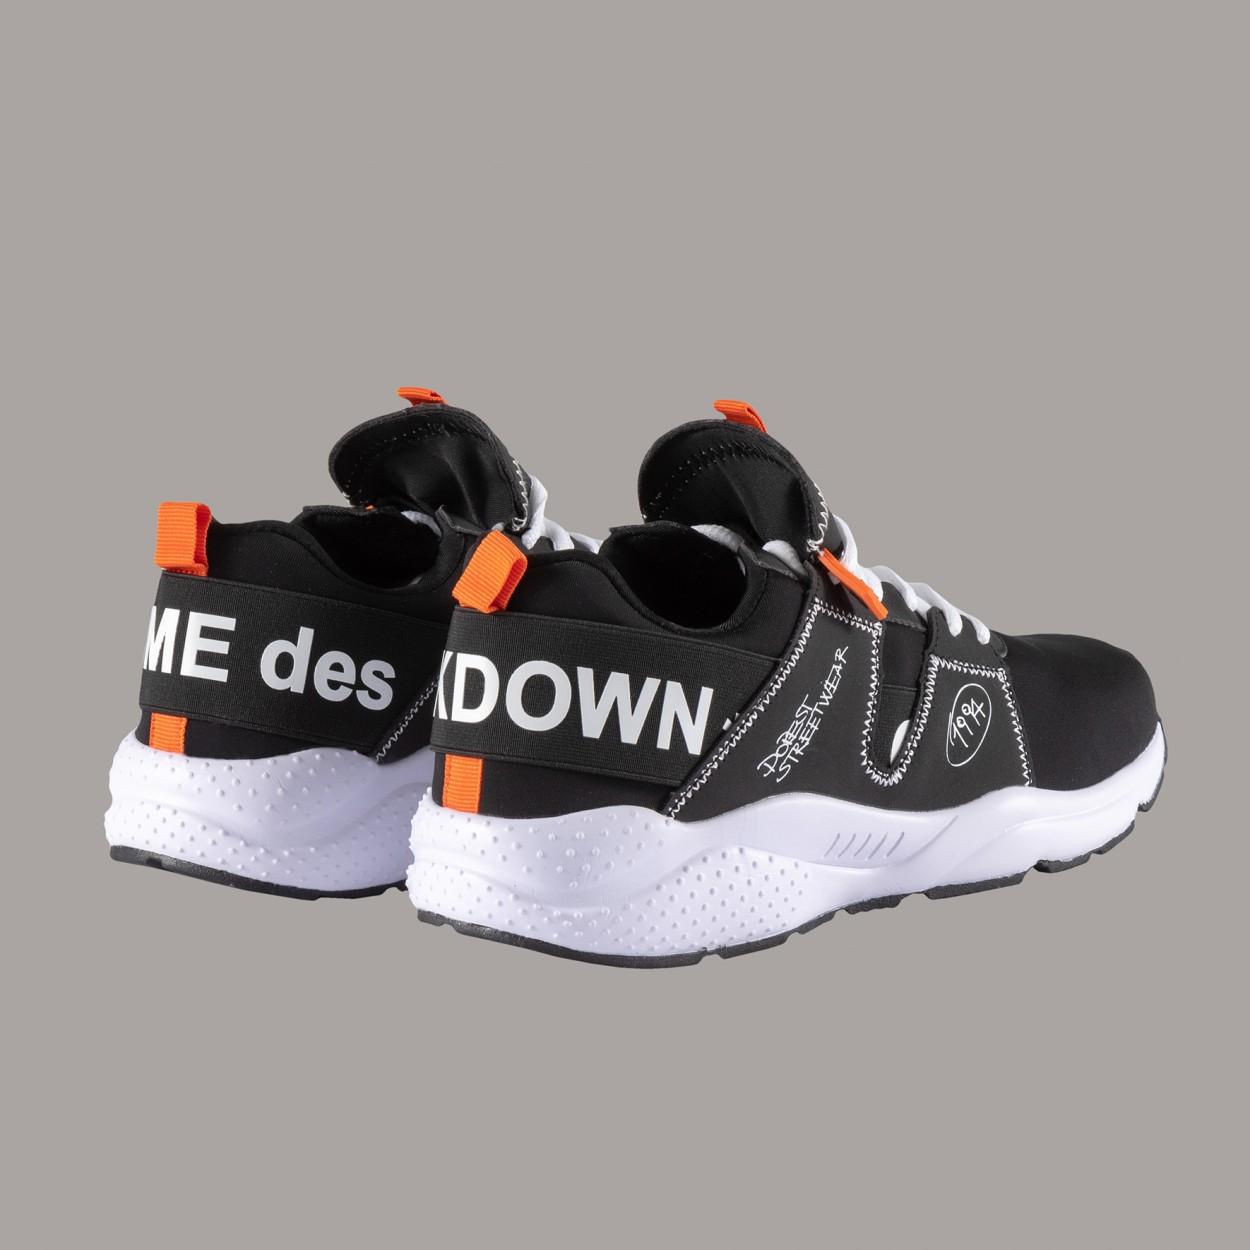 RUNNING - CDF01RUNNC - COMME DES FKDOWN